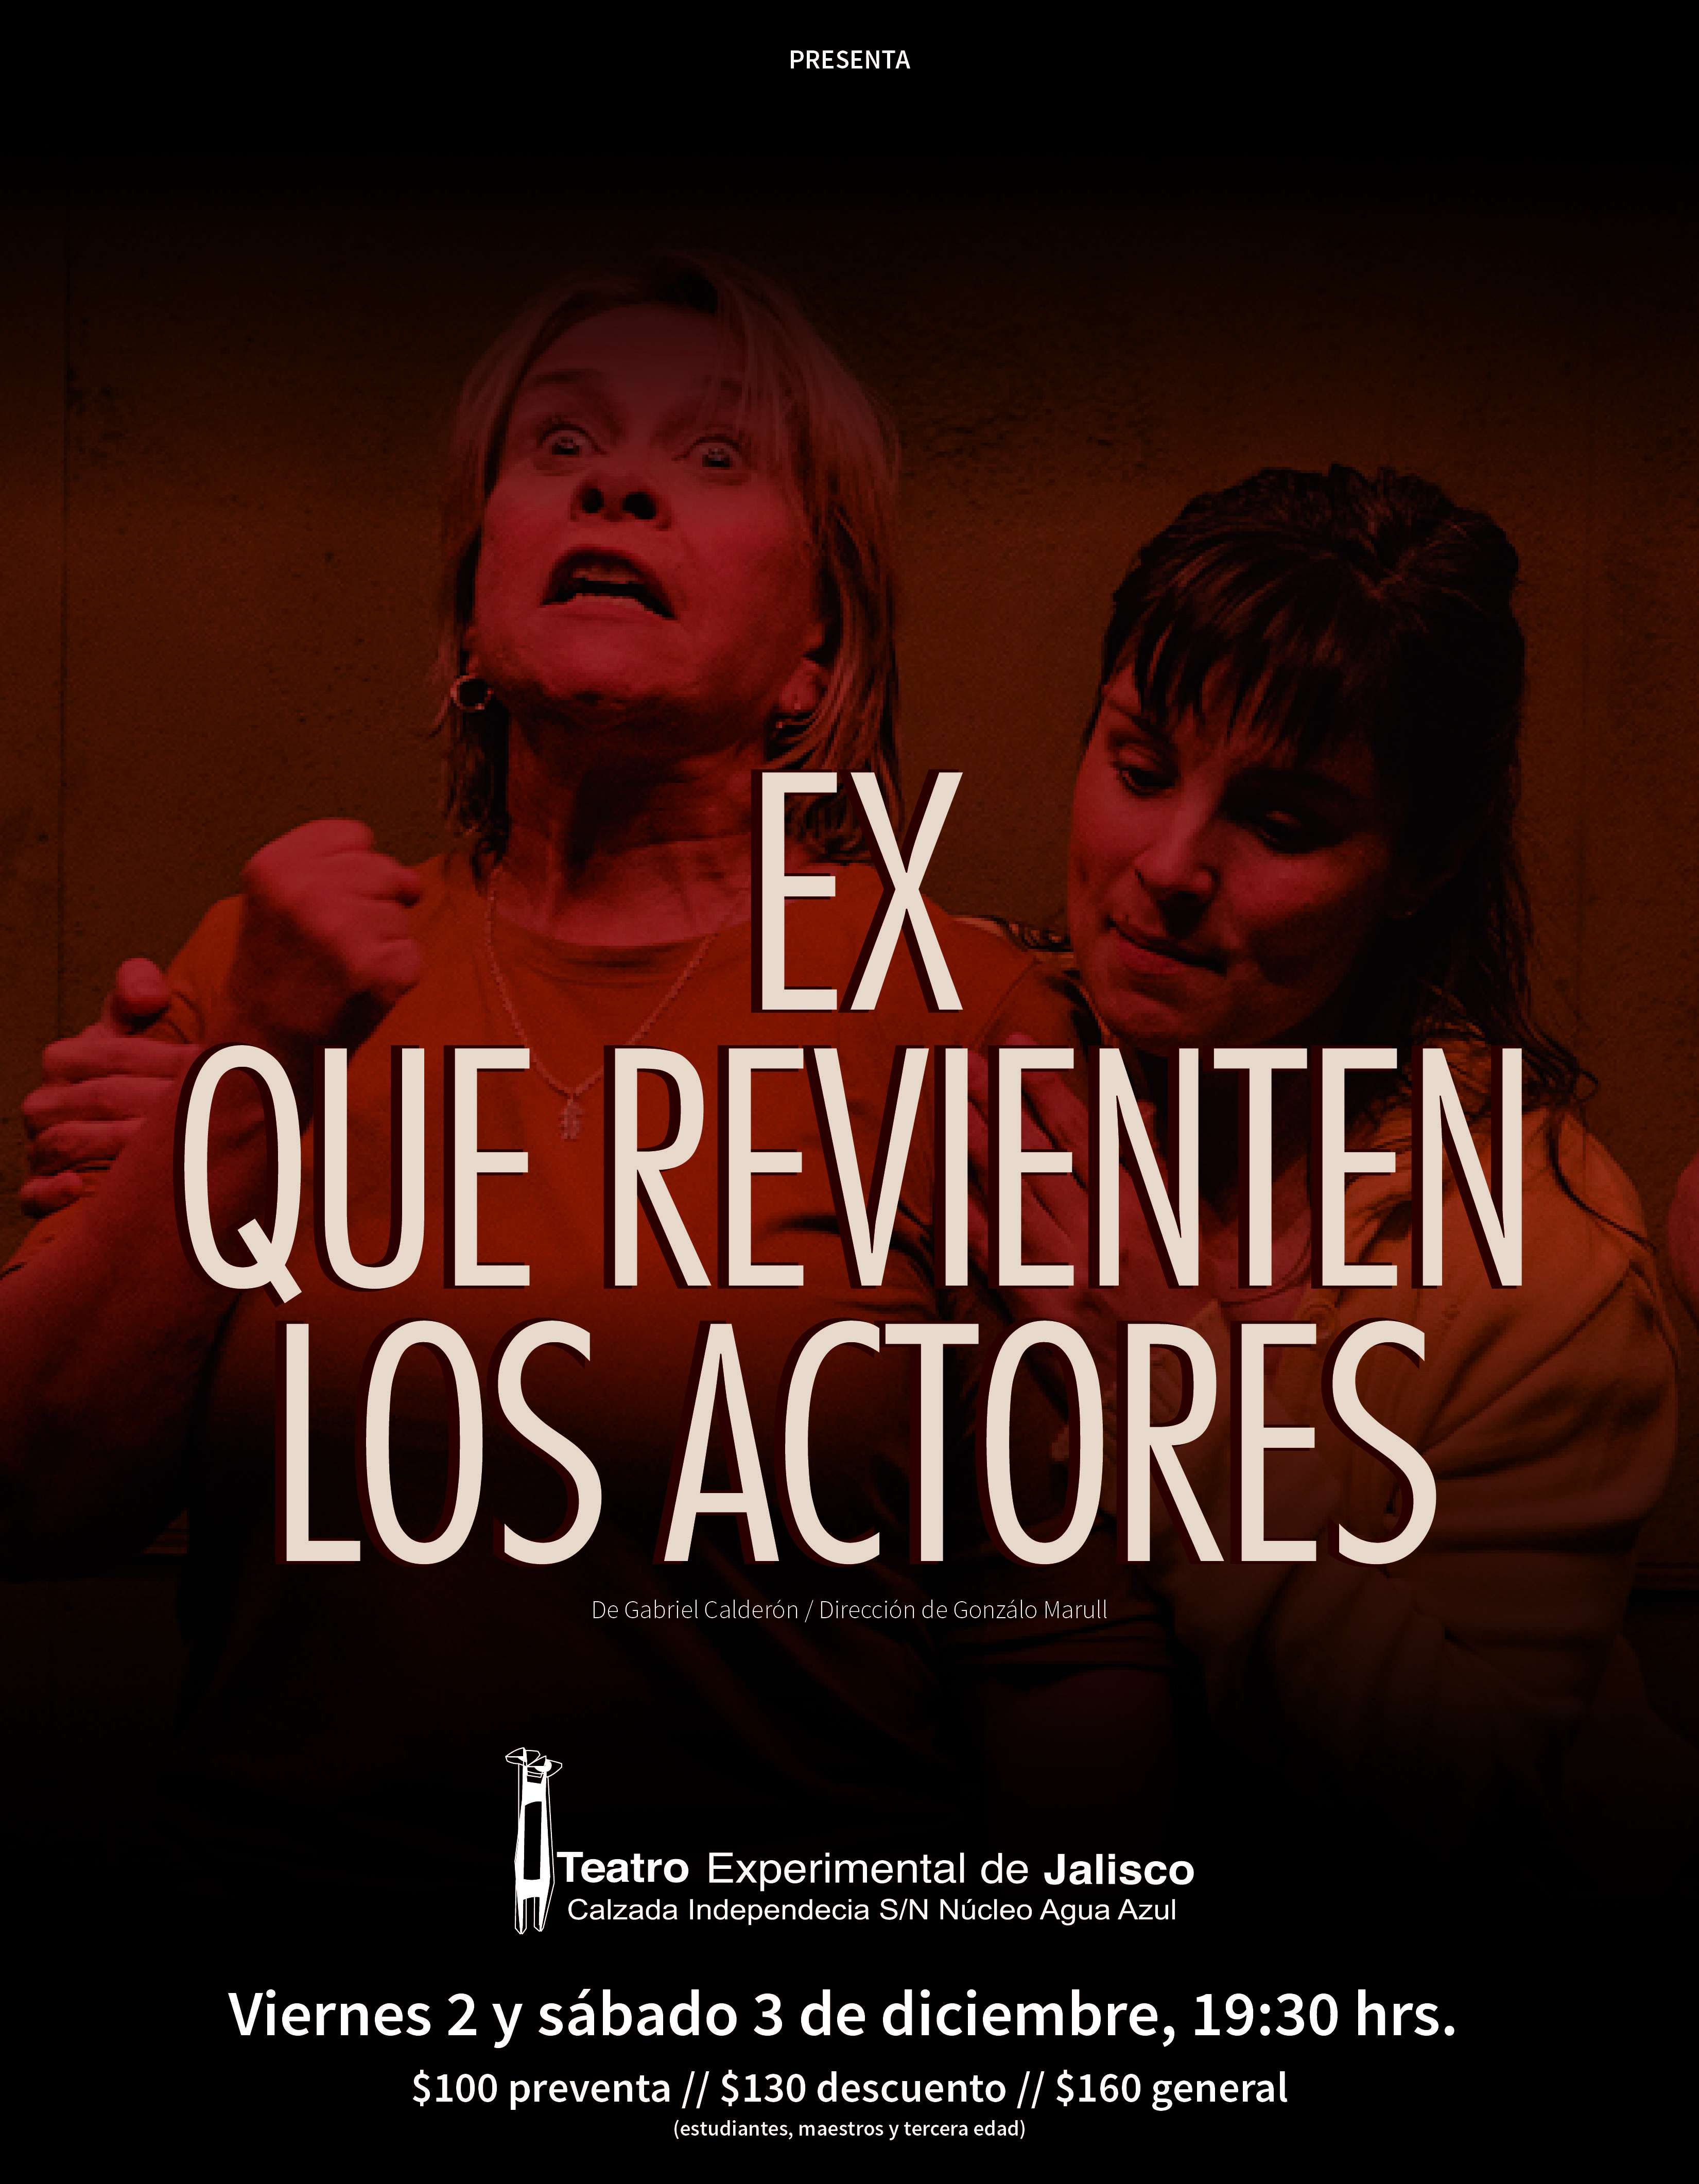 Cartel con texto de la Puesta en escena: Ex que revienten los actores.